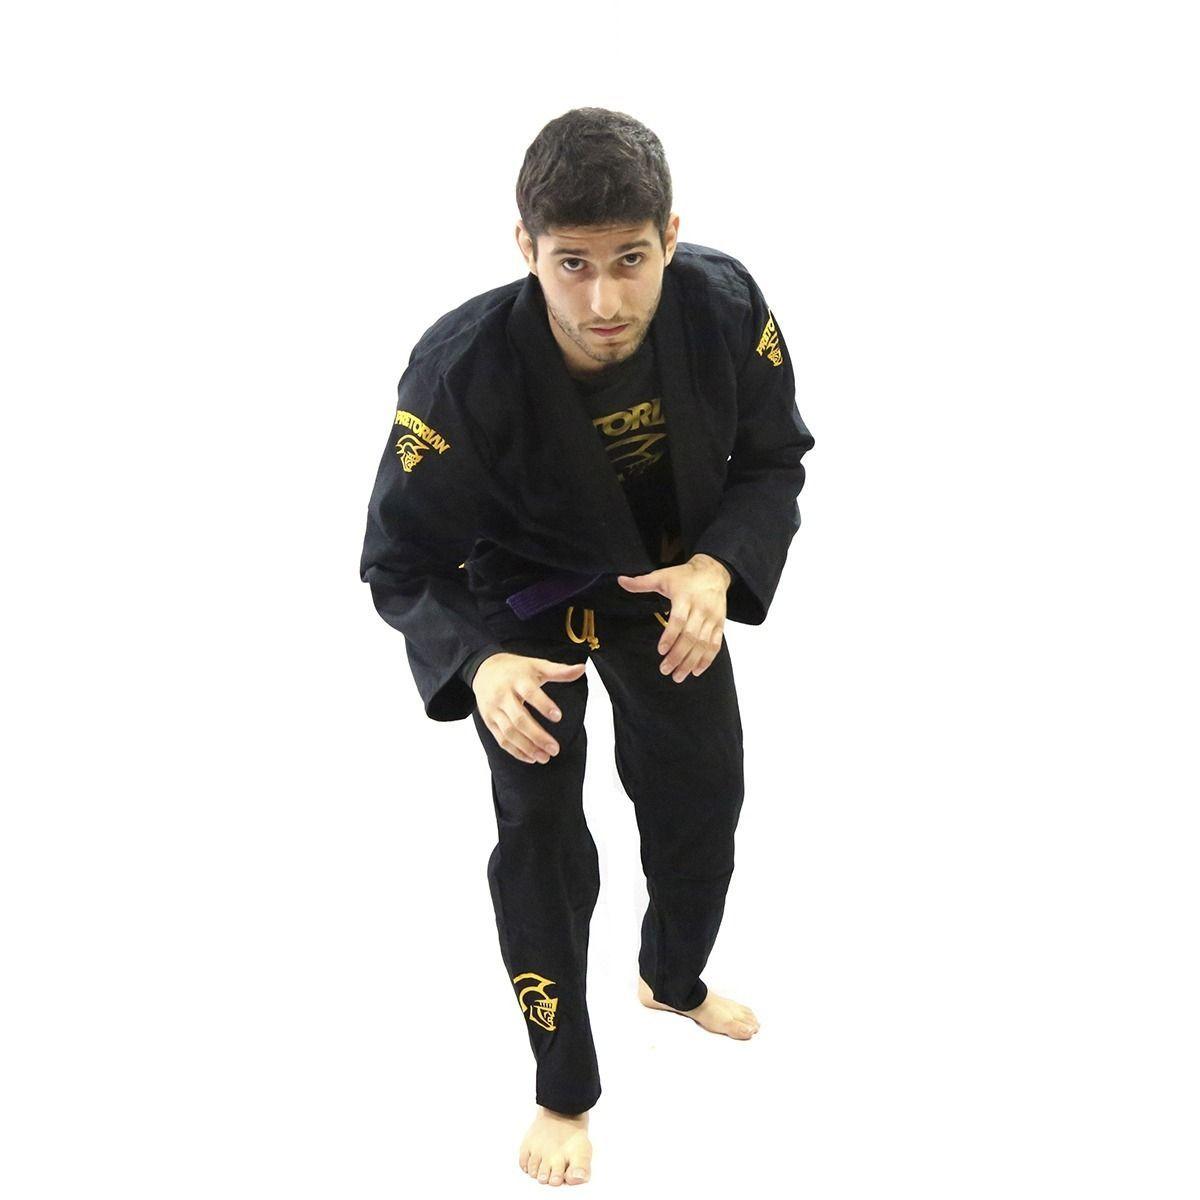 Kimono Jiu Jitsu - Trançado Leve - Adulto - Elite Training - Pretorian - Preto